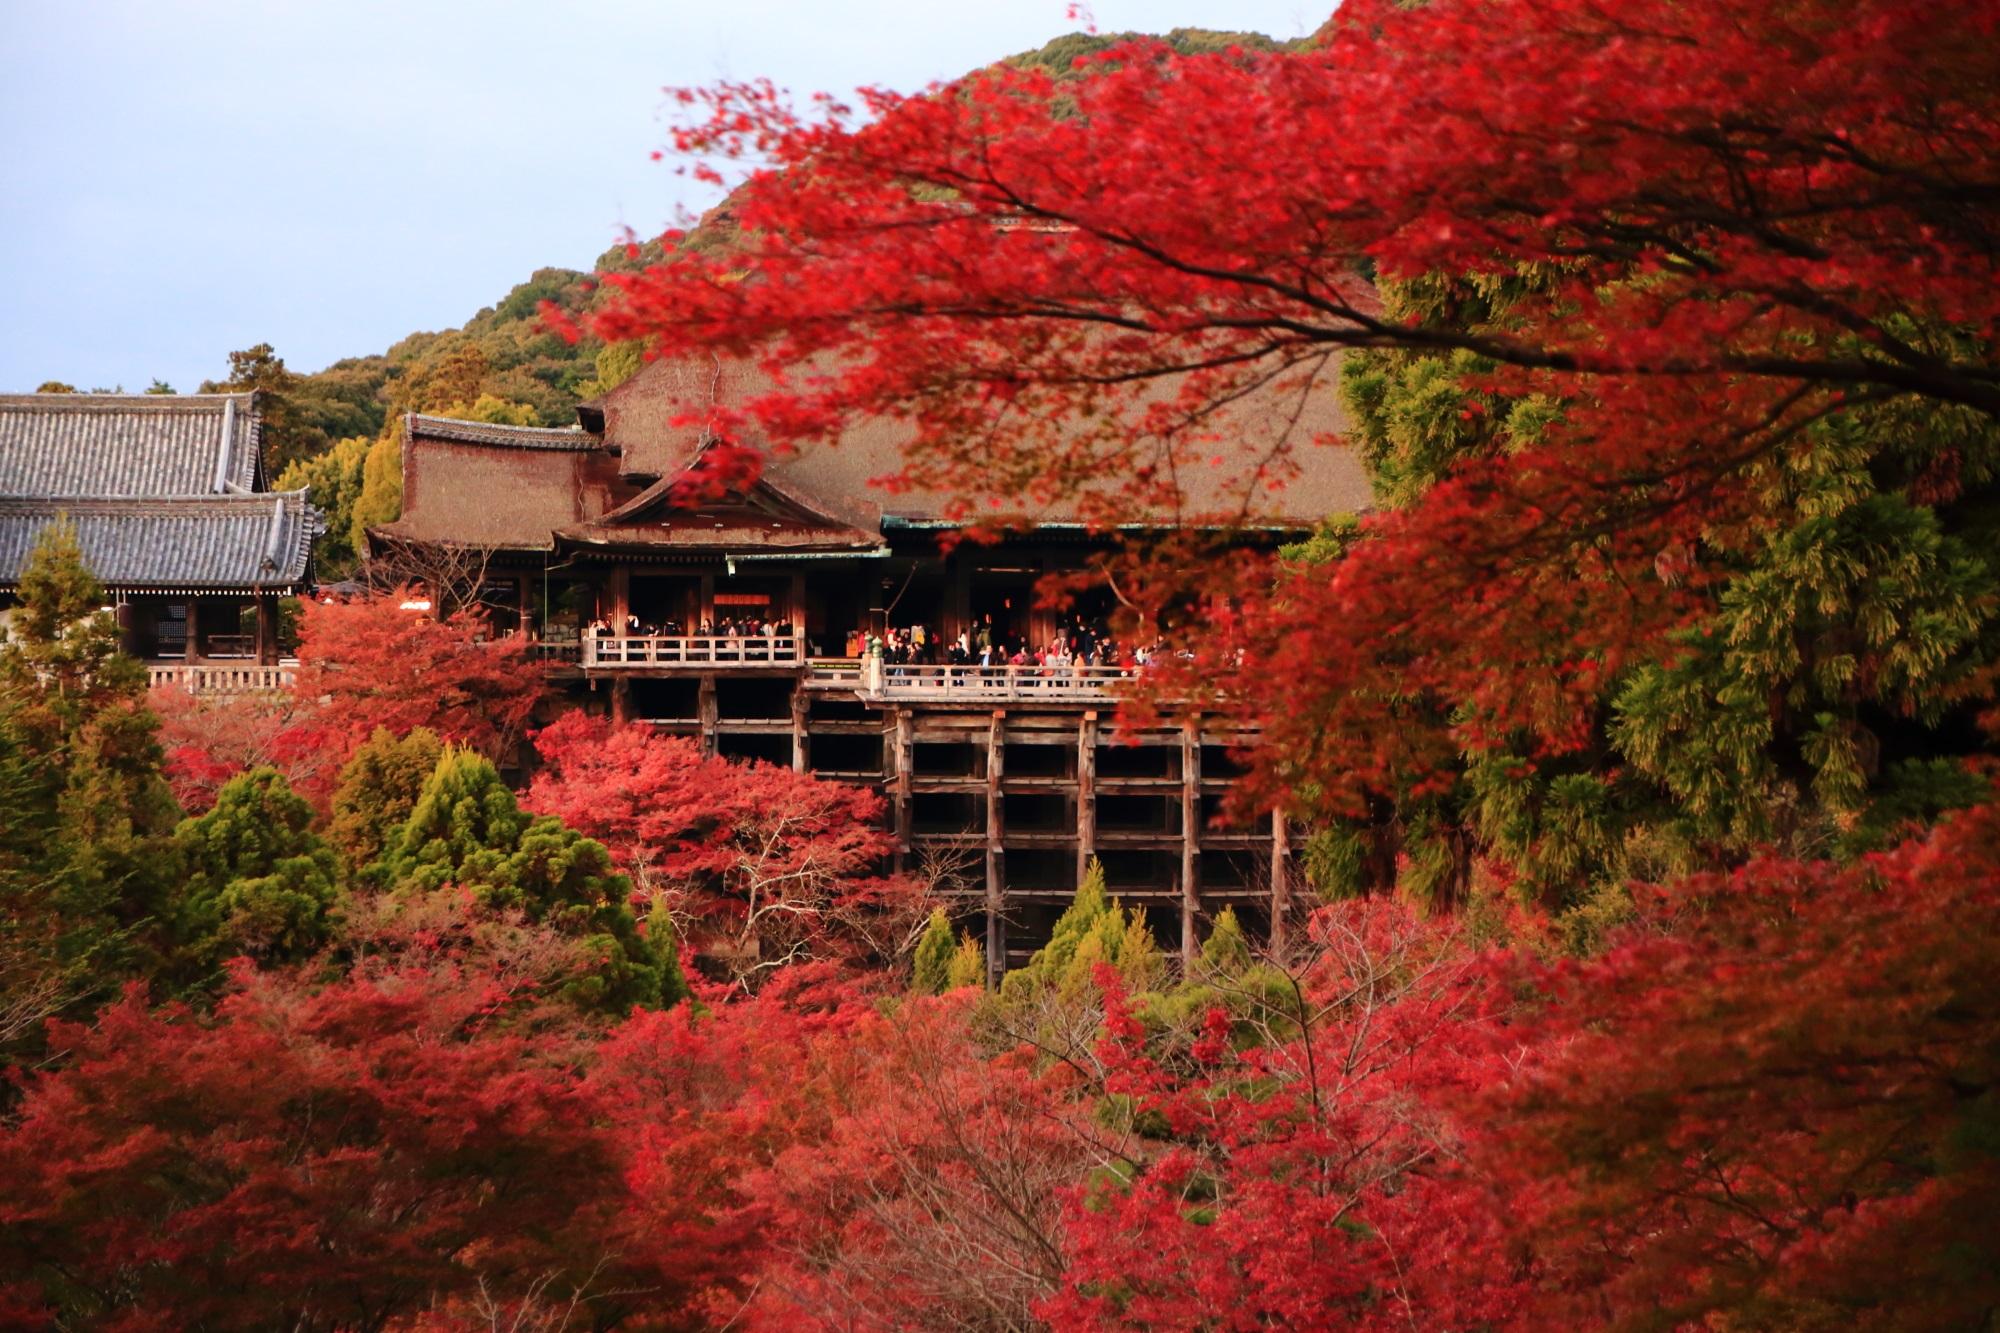 清水寺の夕焼けの美しい紅葉